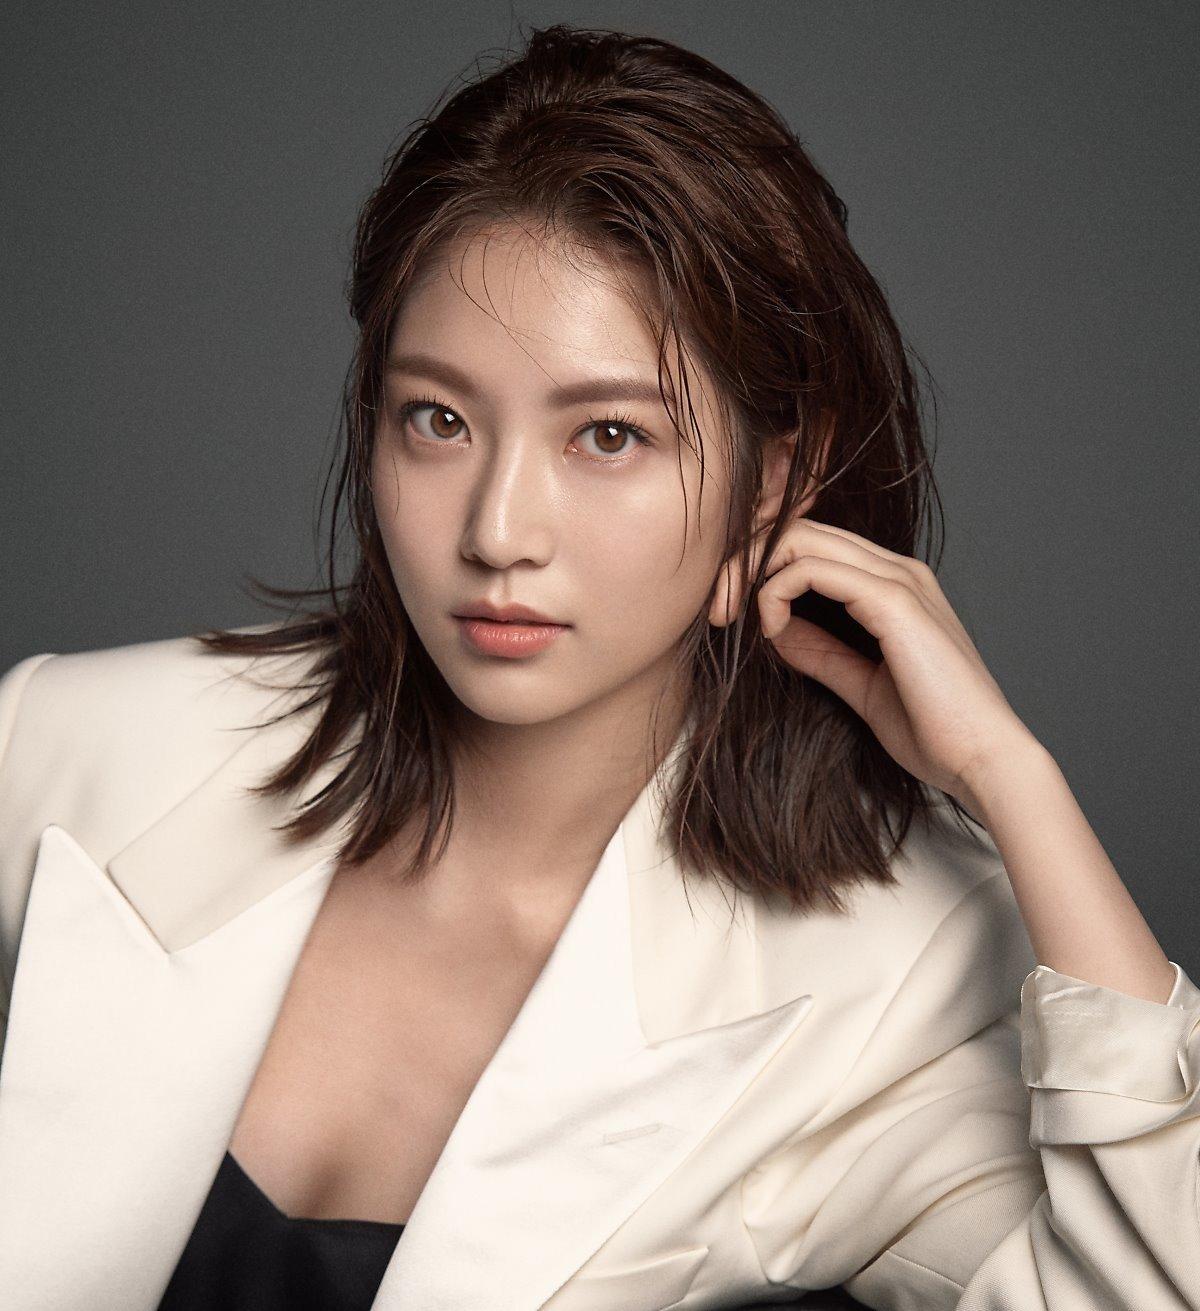 cool Korean talent